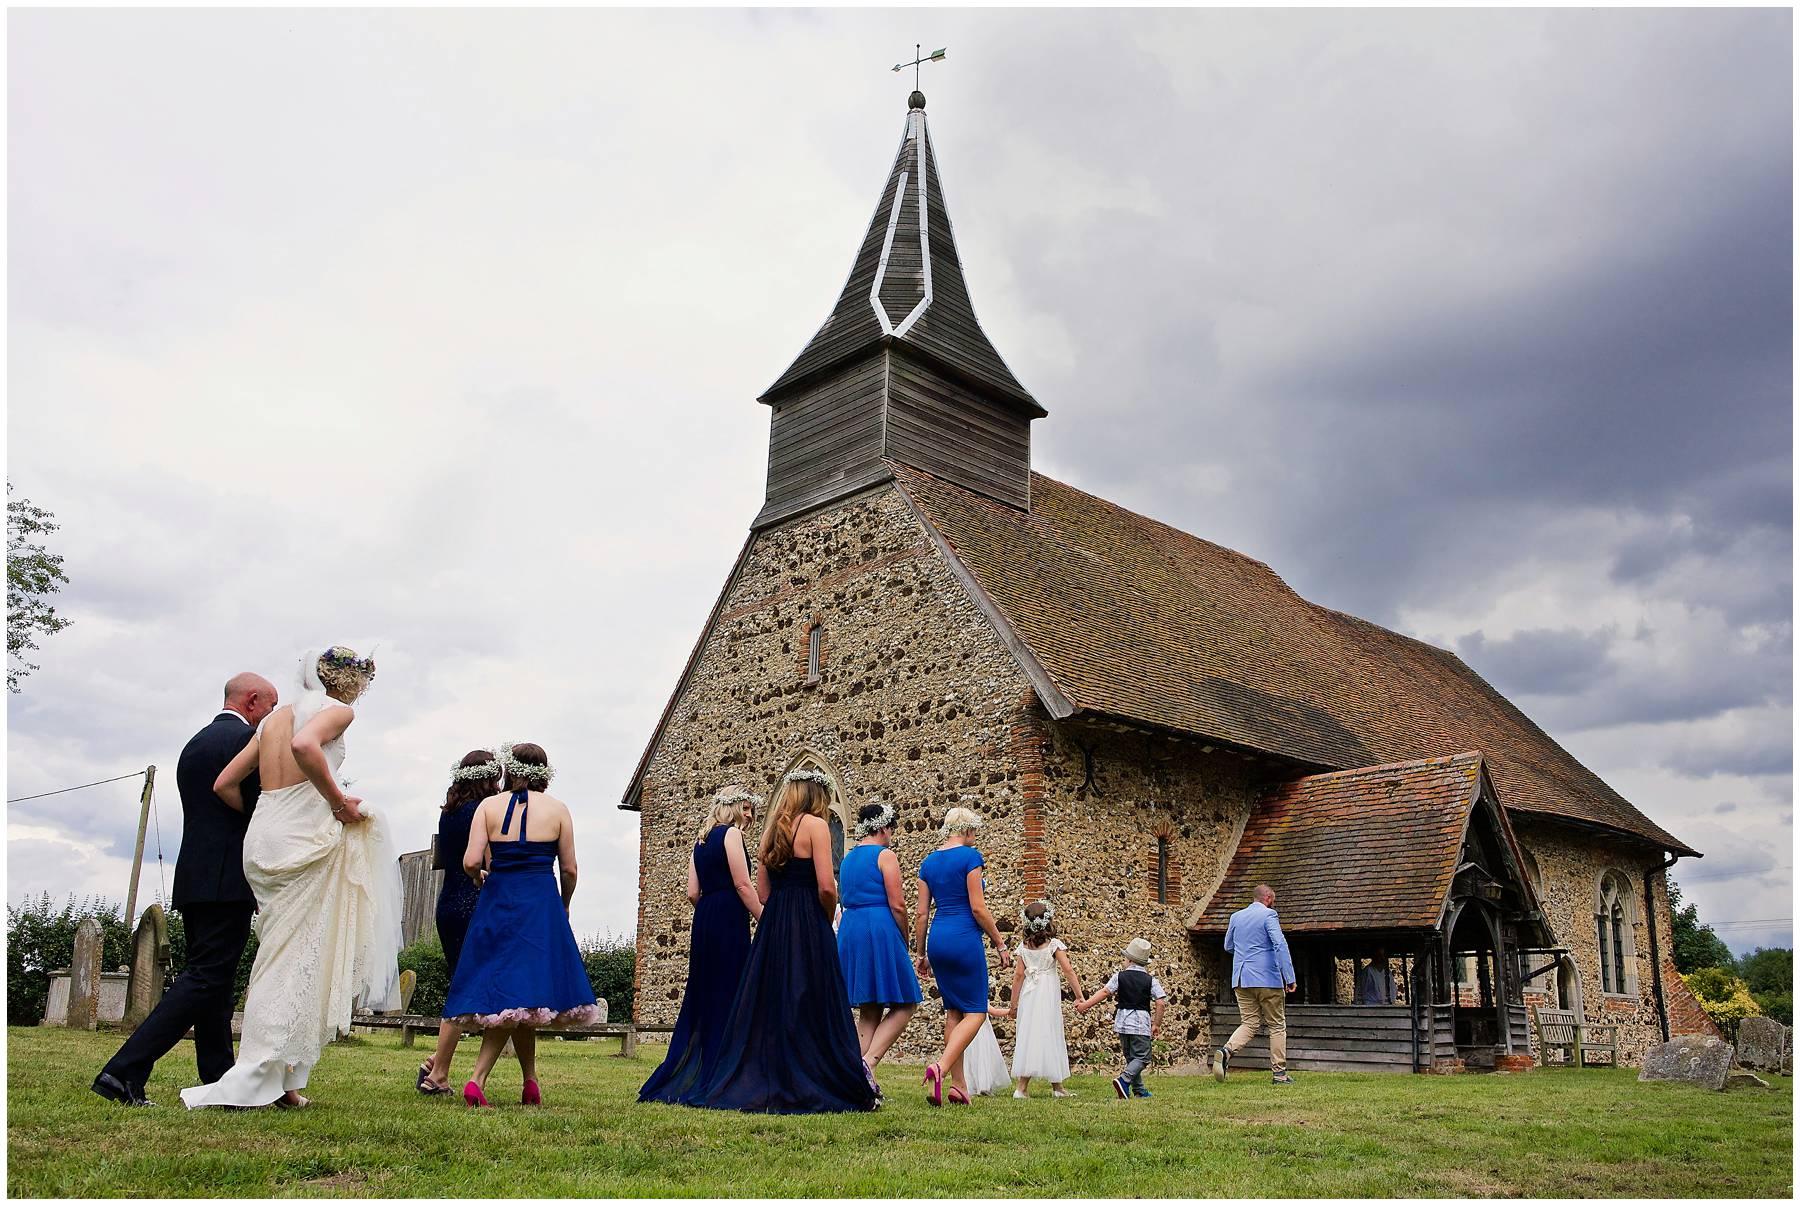 Church wedding in Coggeshall, Essex